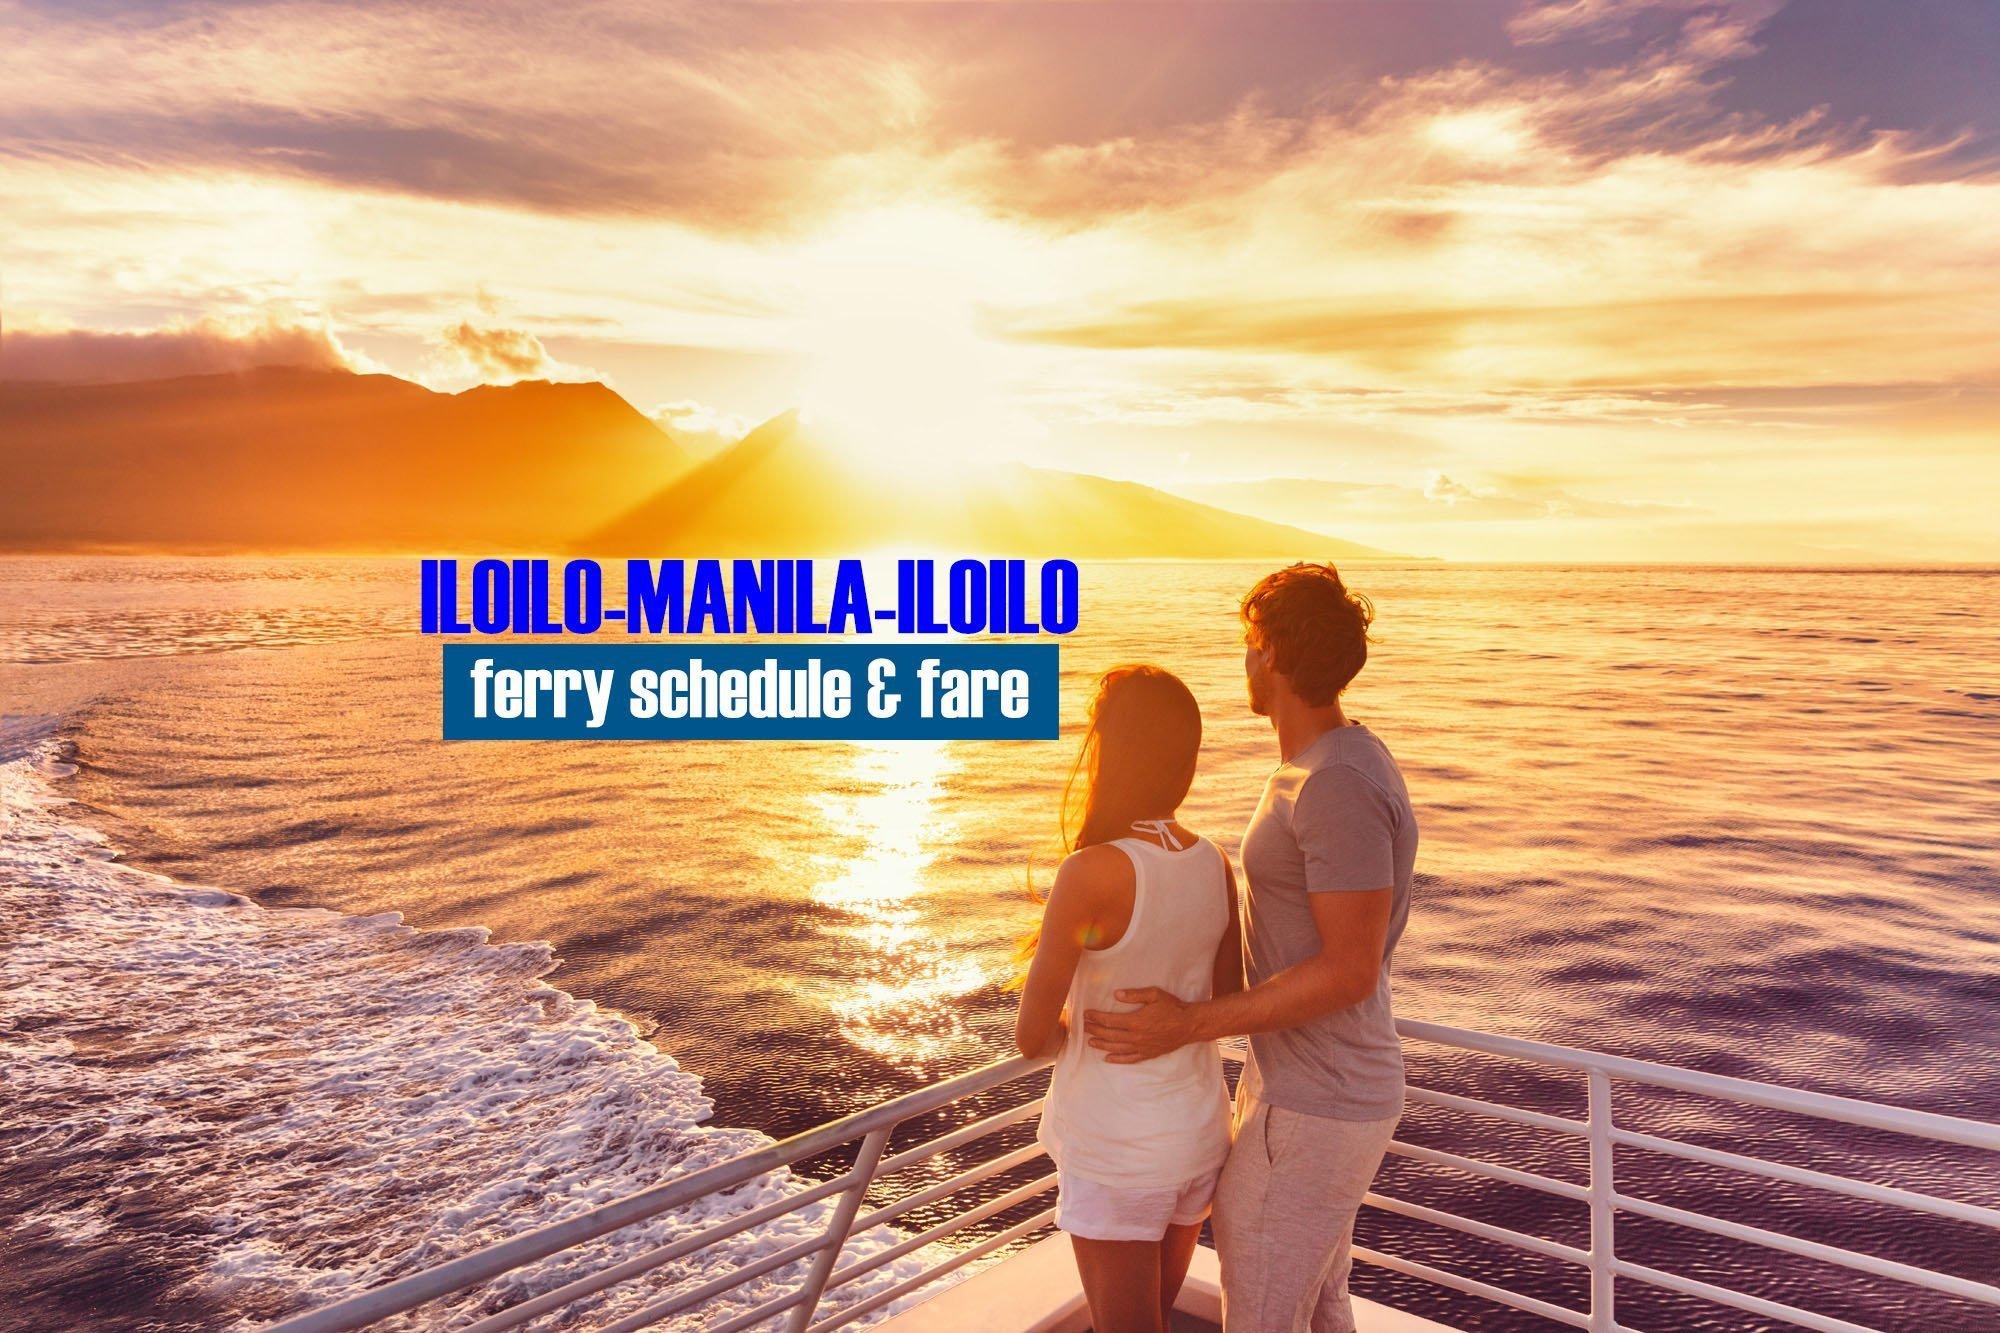 Iloilo to Manila: 2019 Ferry Schedule and Fare